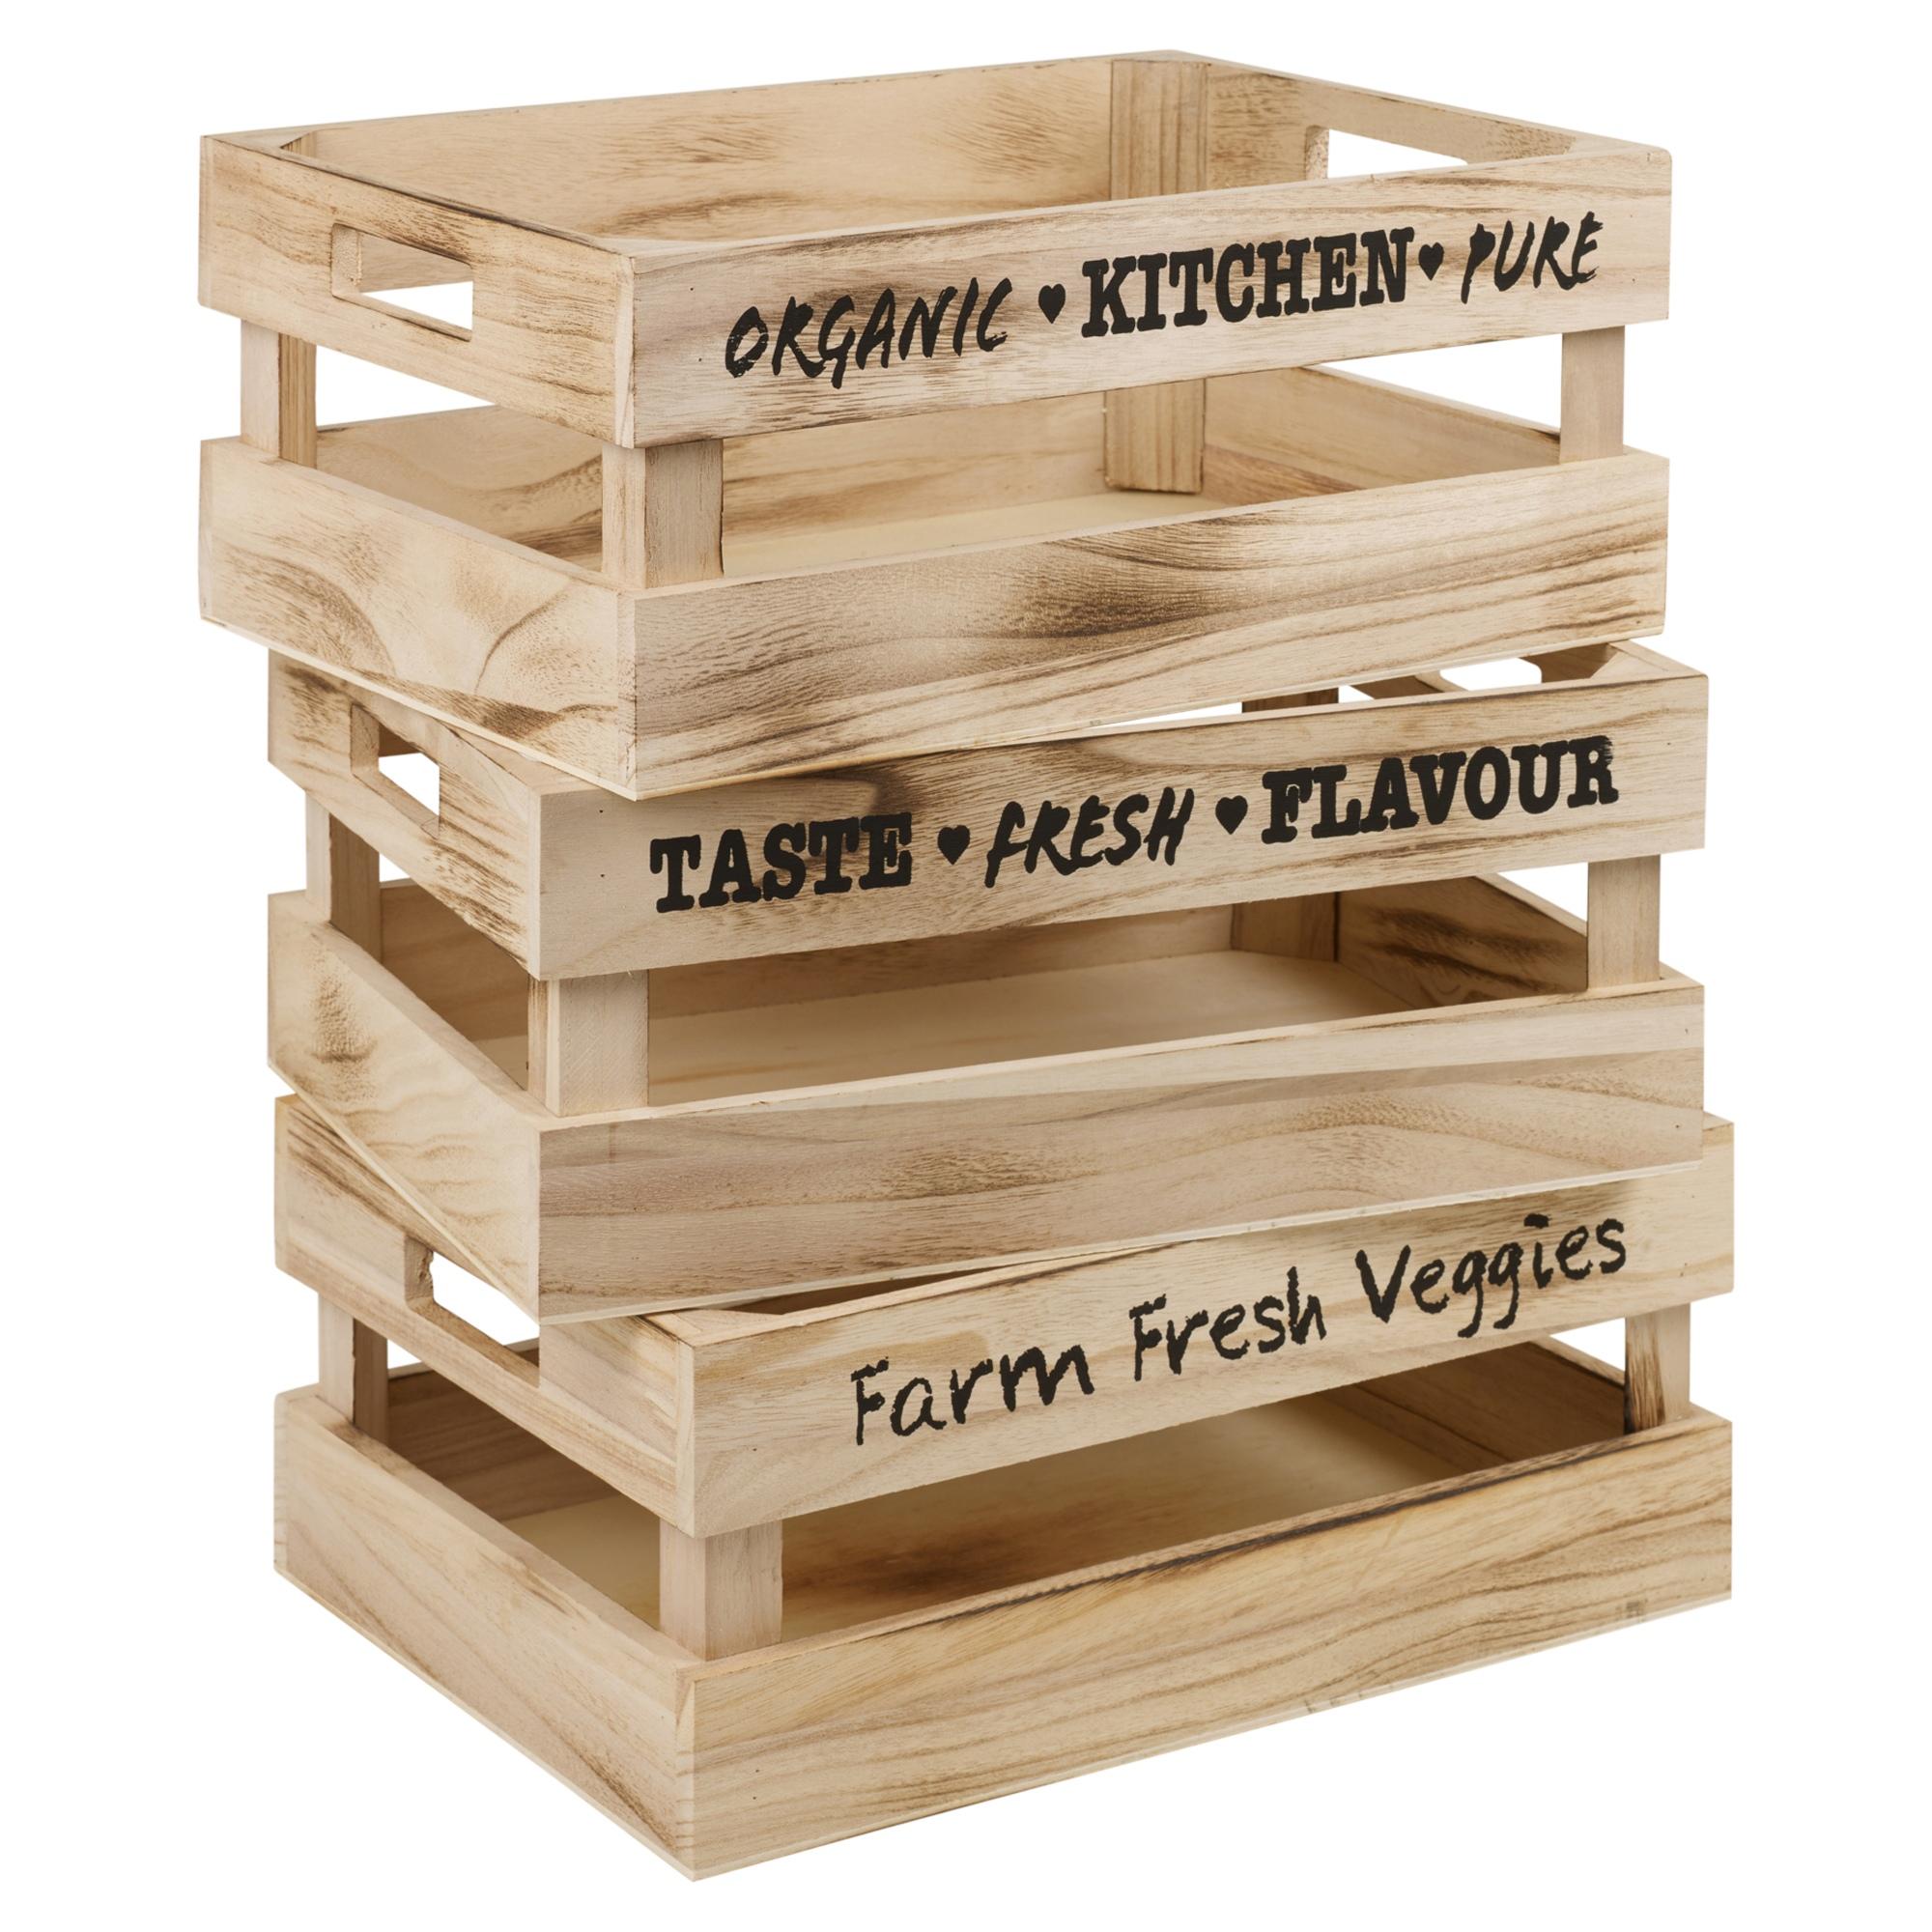 set of 3 vintage wooden storage box crate carry handles fruit veg kitchen home 8719202025873 ebay. Black Bedroom Furniture Sets. Home Design Ideas